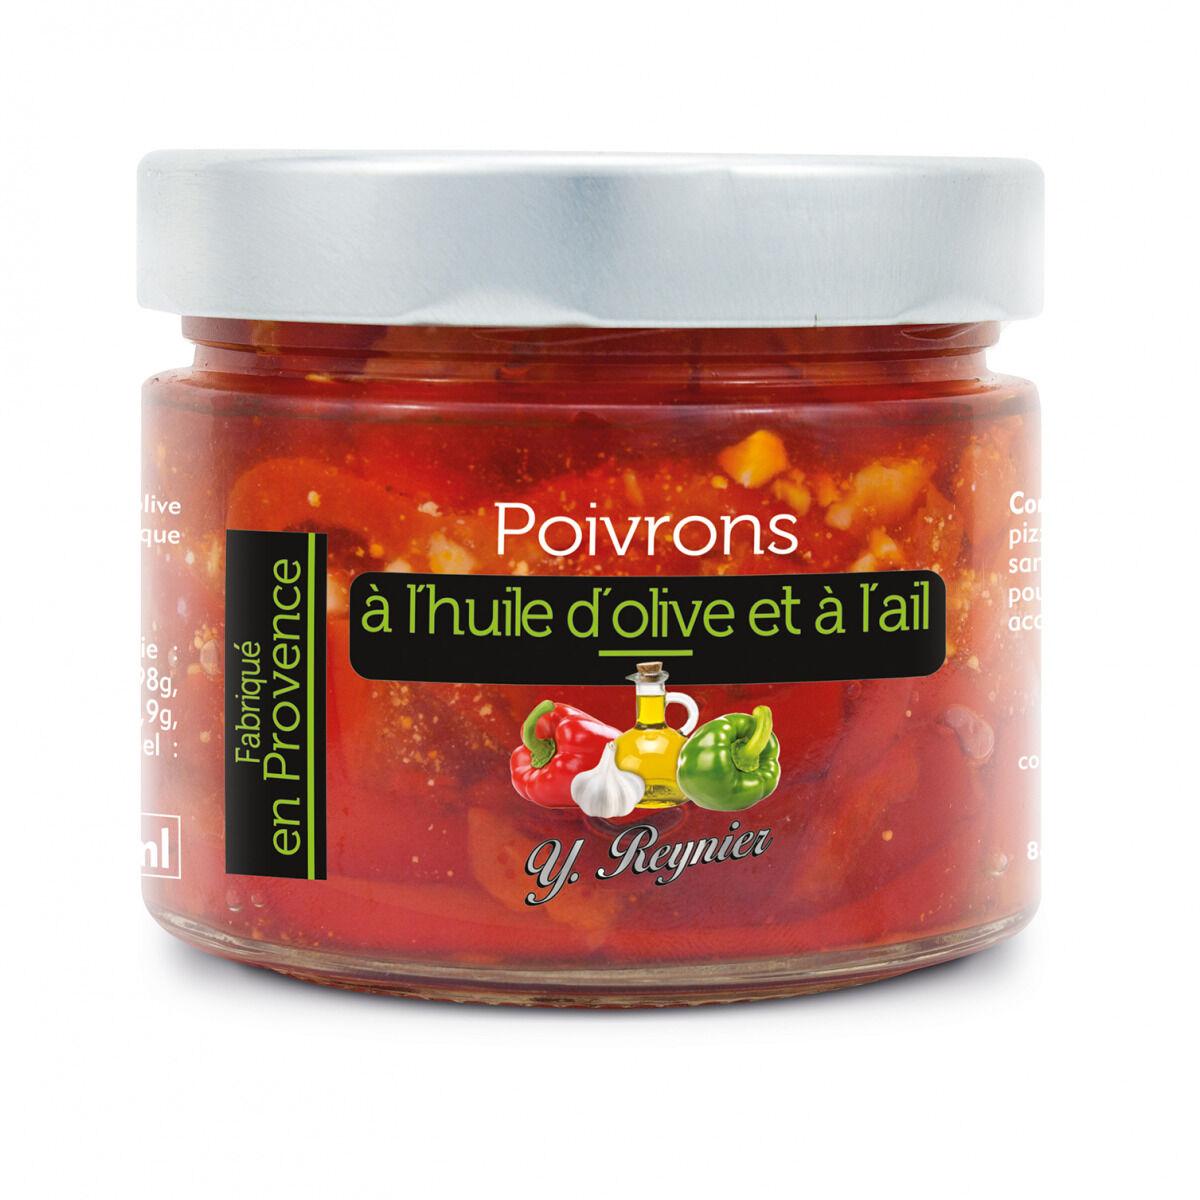 Conserves Guintrand Poivrons À L'huile D'olive Et À L'ail Yr 314ml